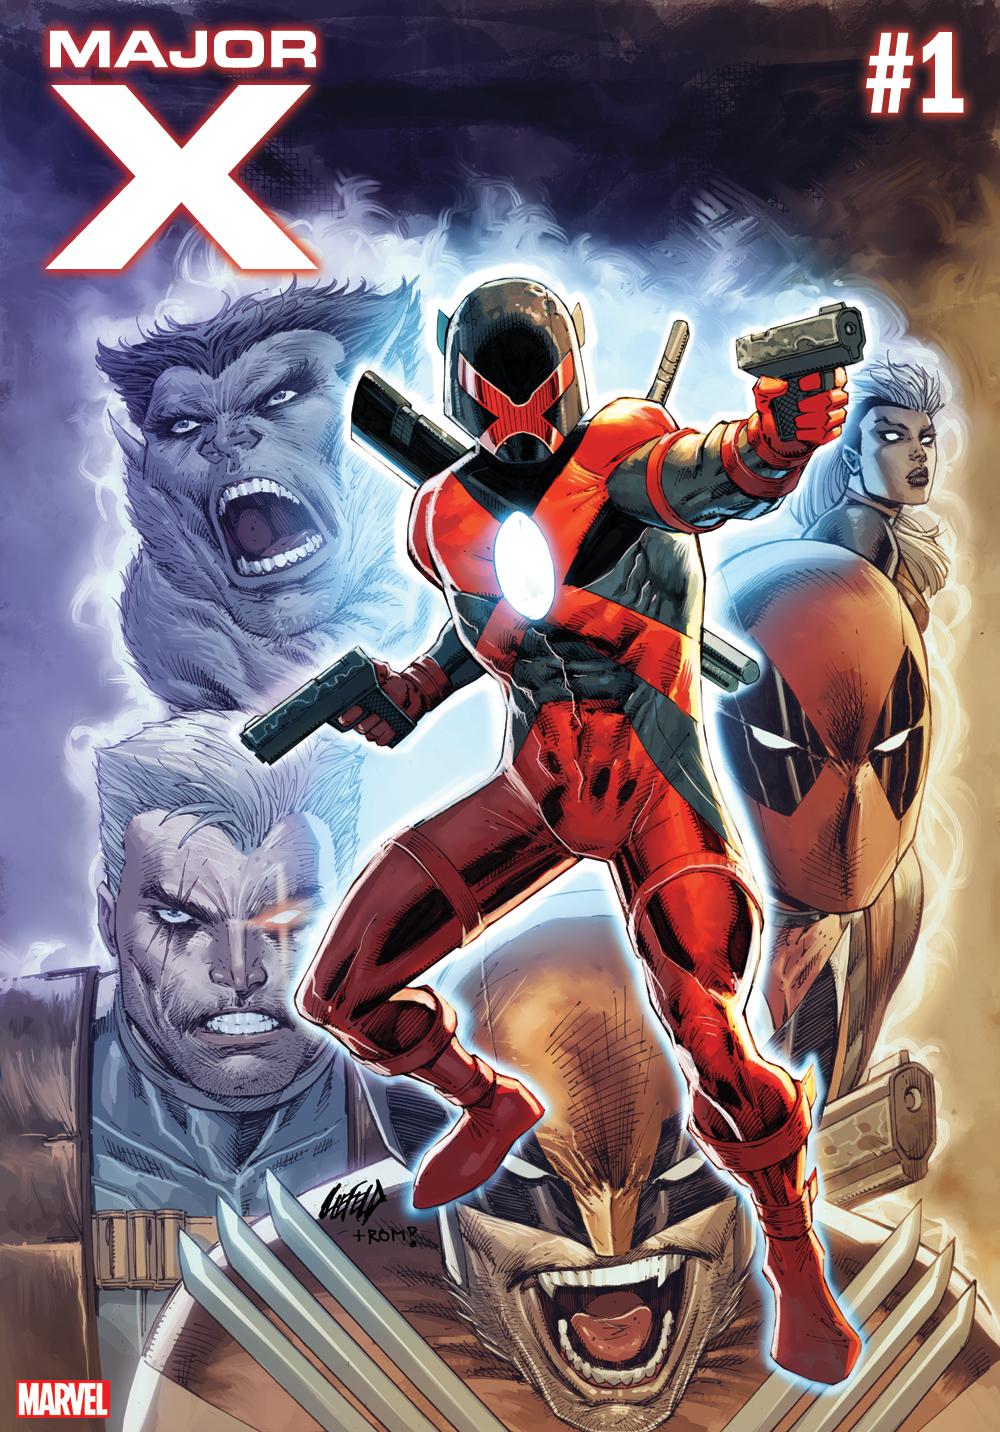 Marvel Comics Major X Rob Liefeld X-Men